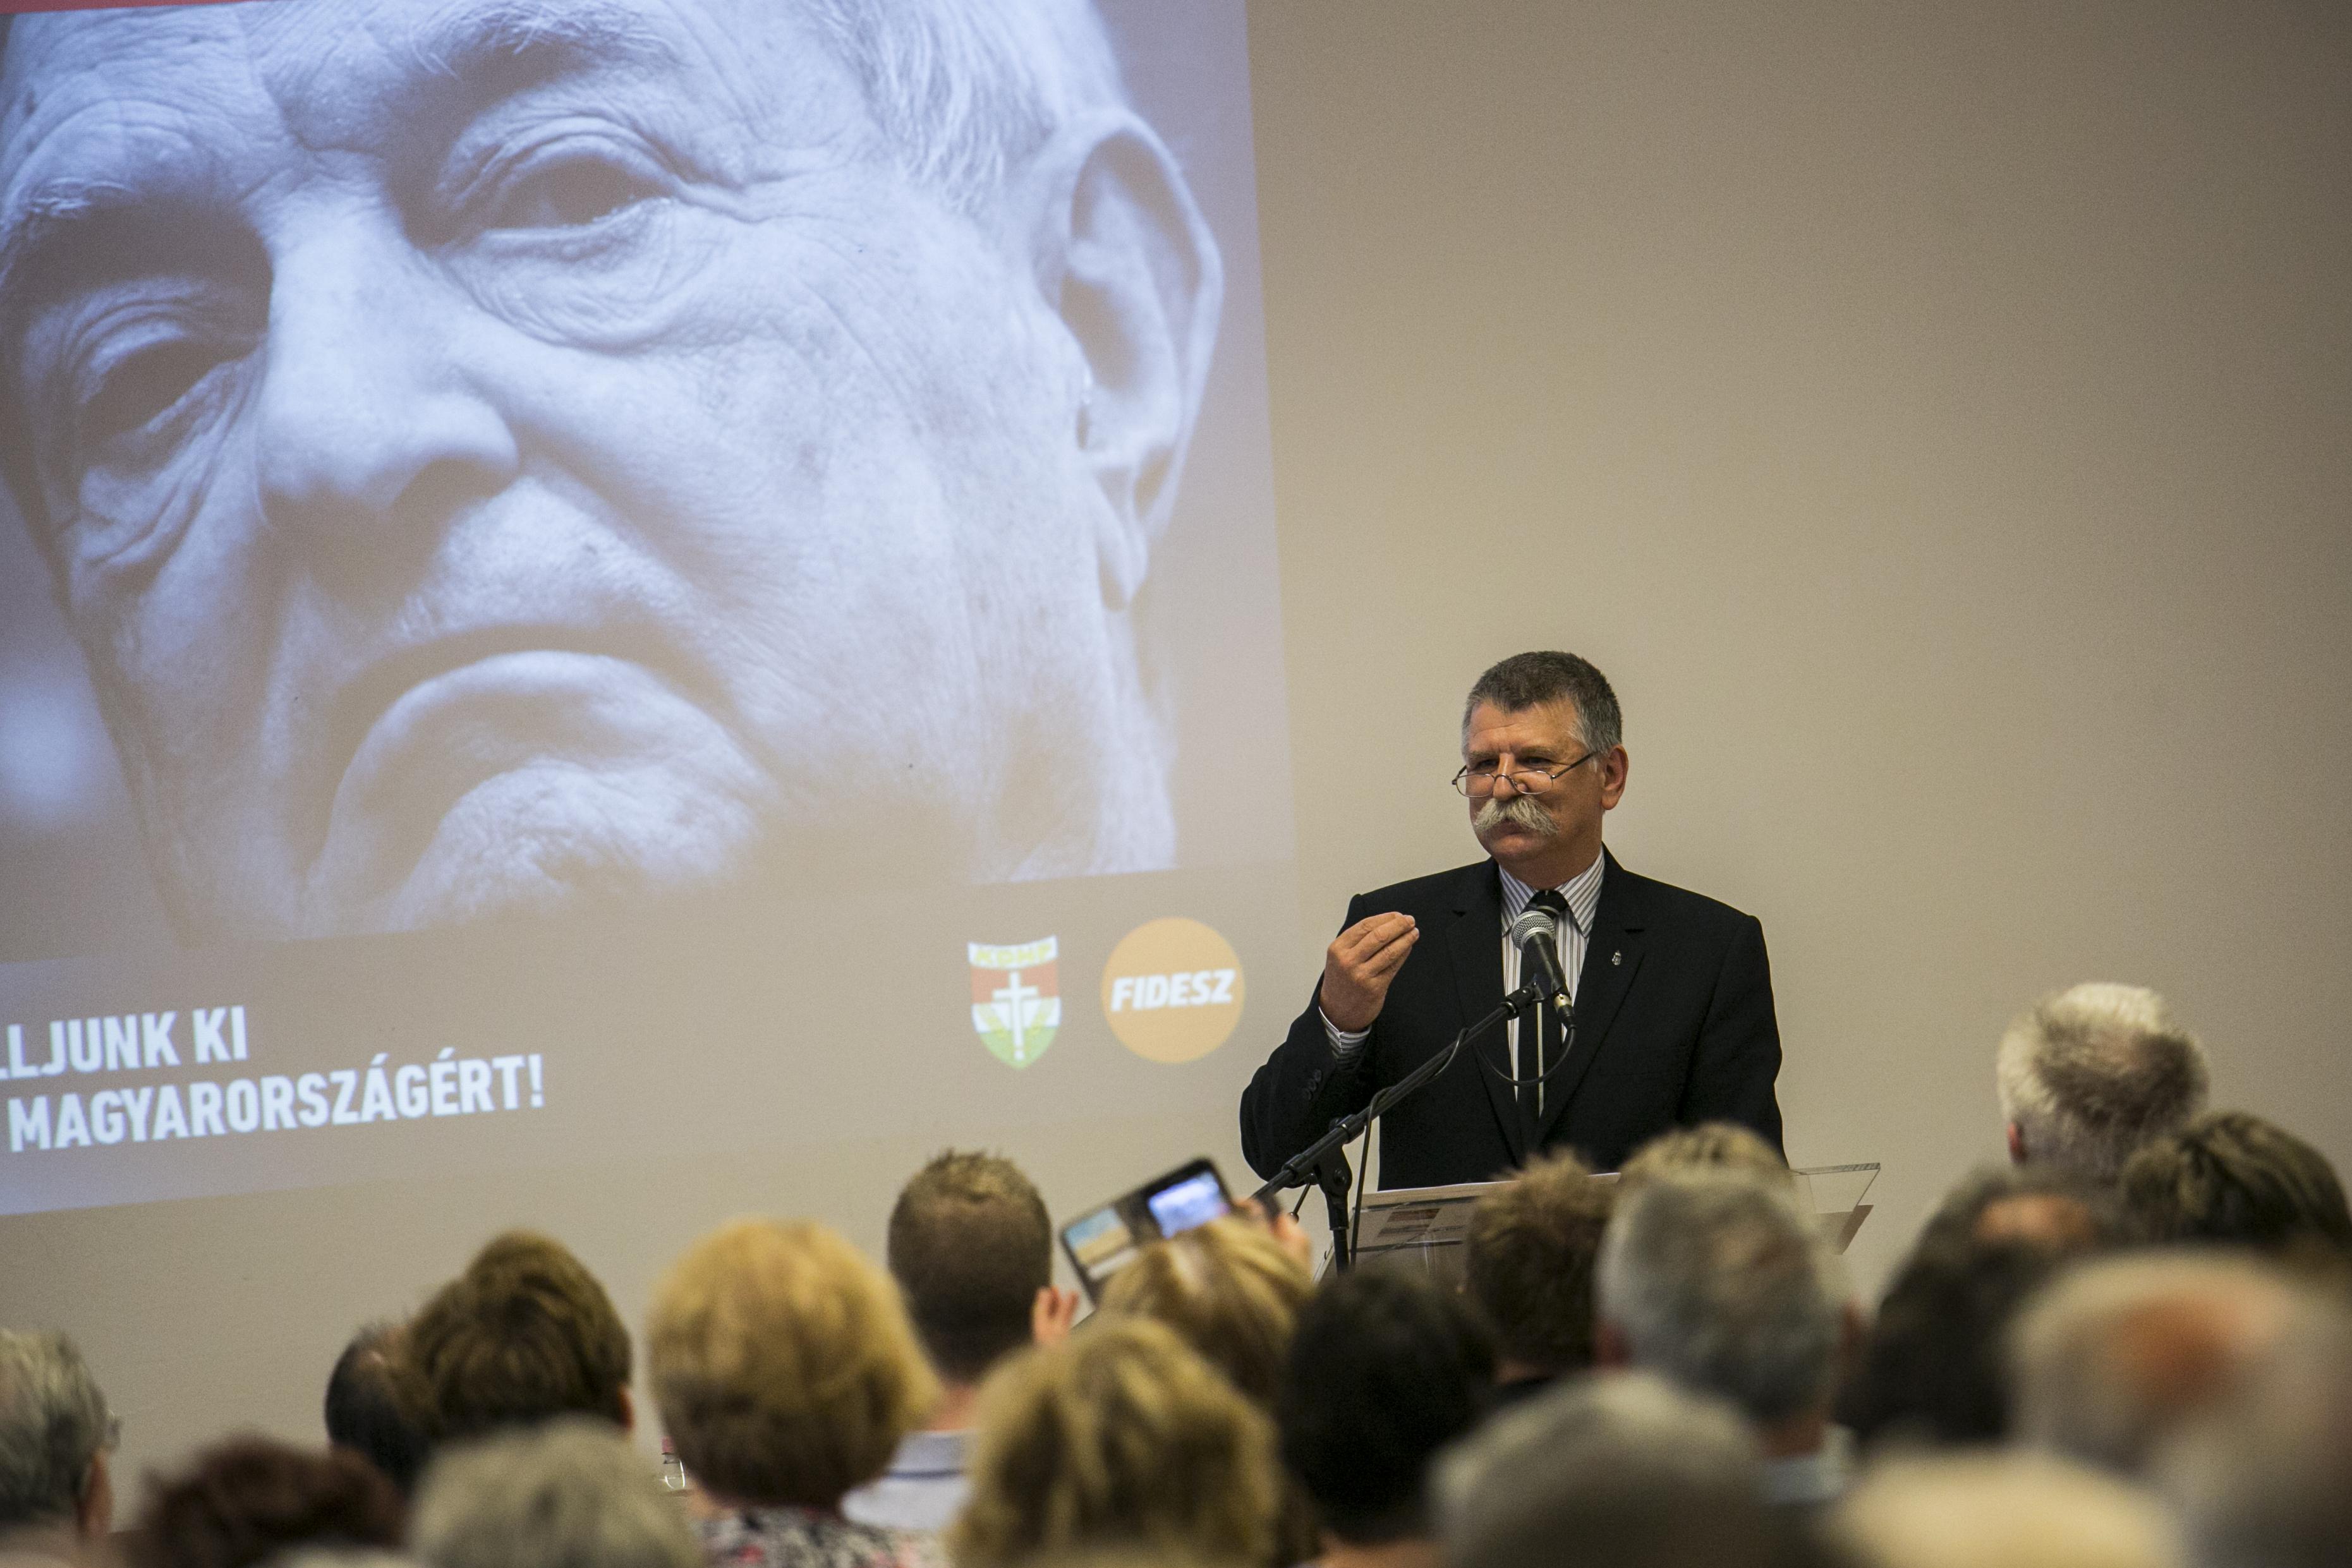 Országszerte 200 fórumon ismételgeti Orbán Viktor hét pontját a Fidesz